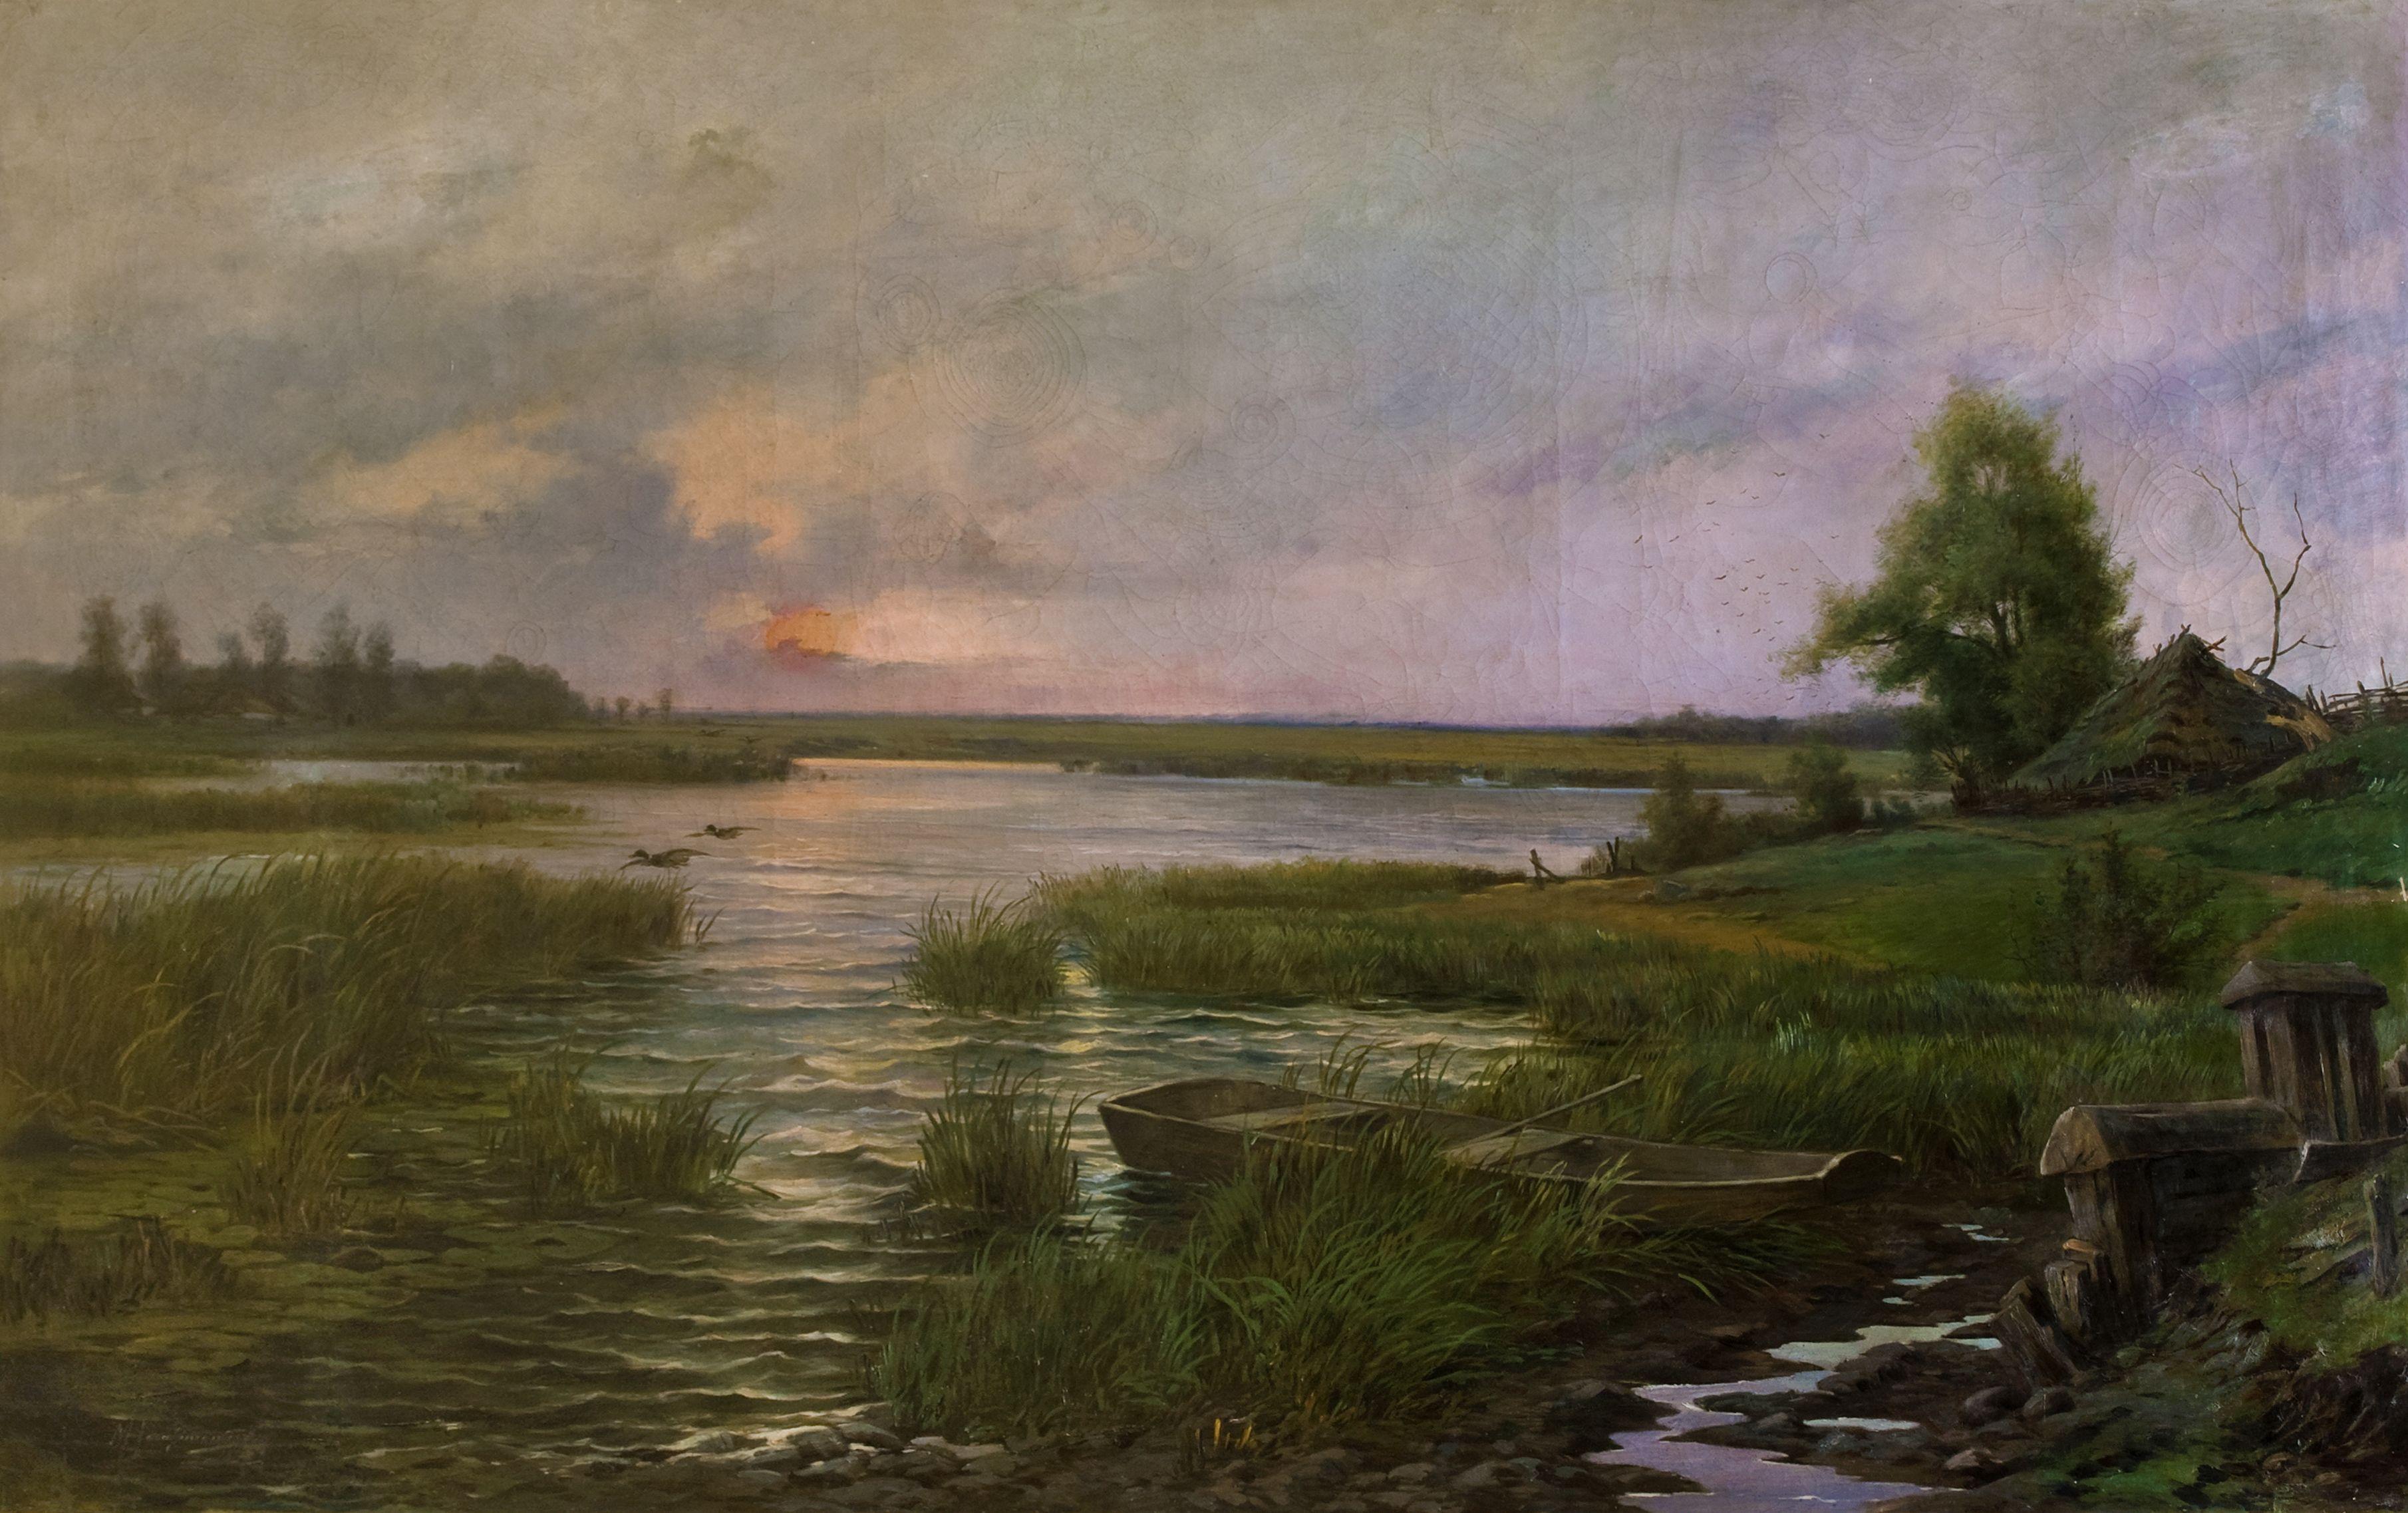 Марцелій Гарасимович. Став, 1898; олія на полотні, 125х197 см; ЛНГМ